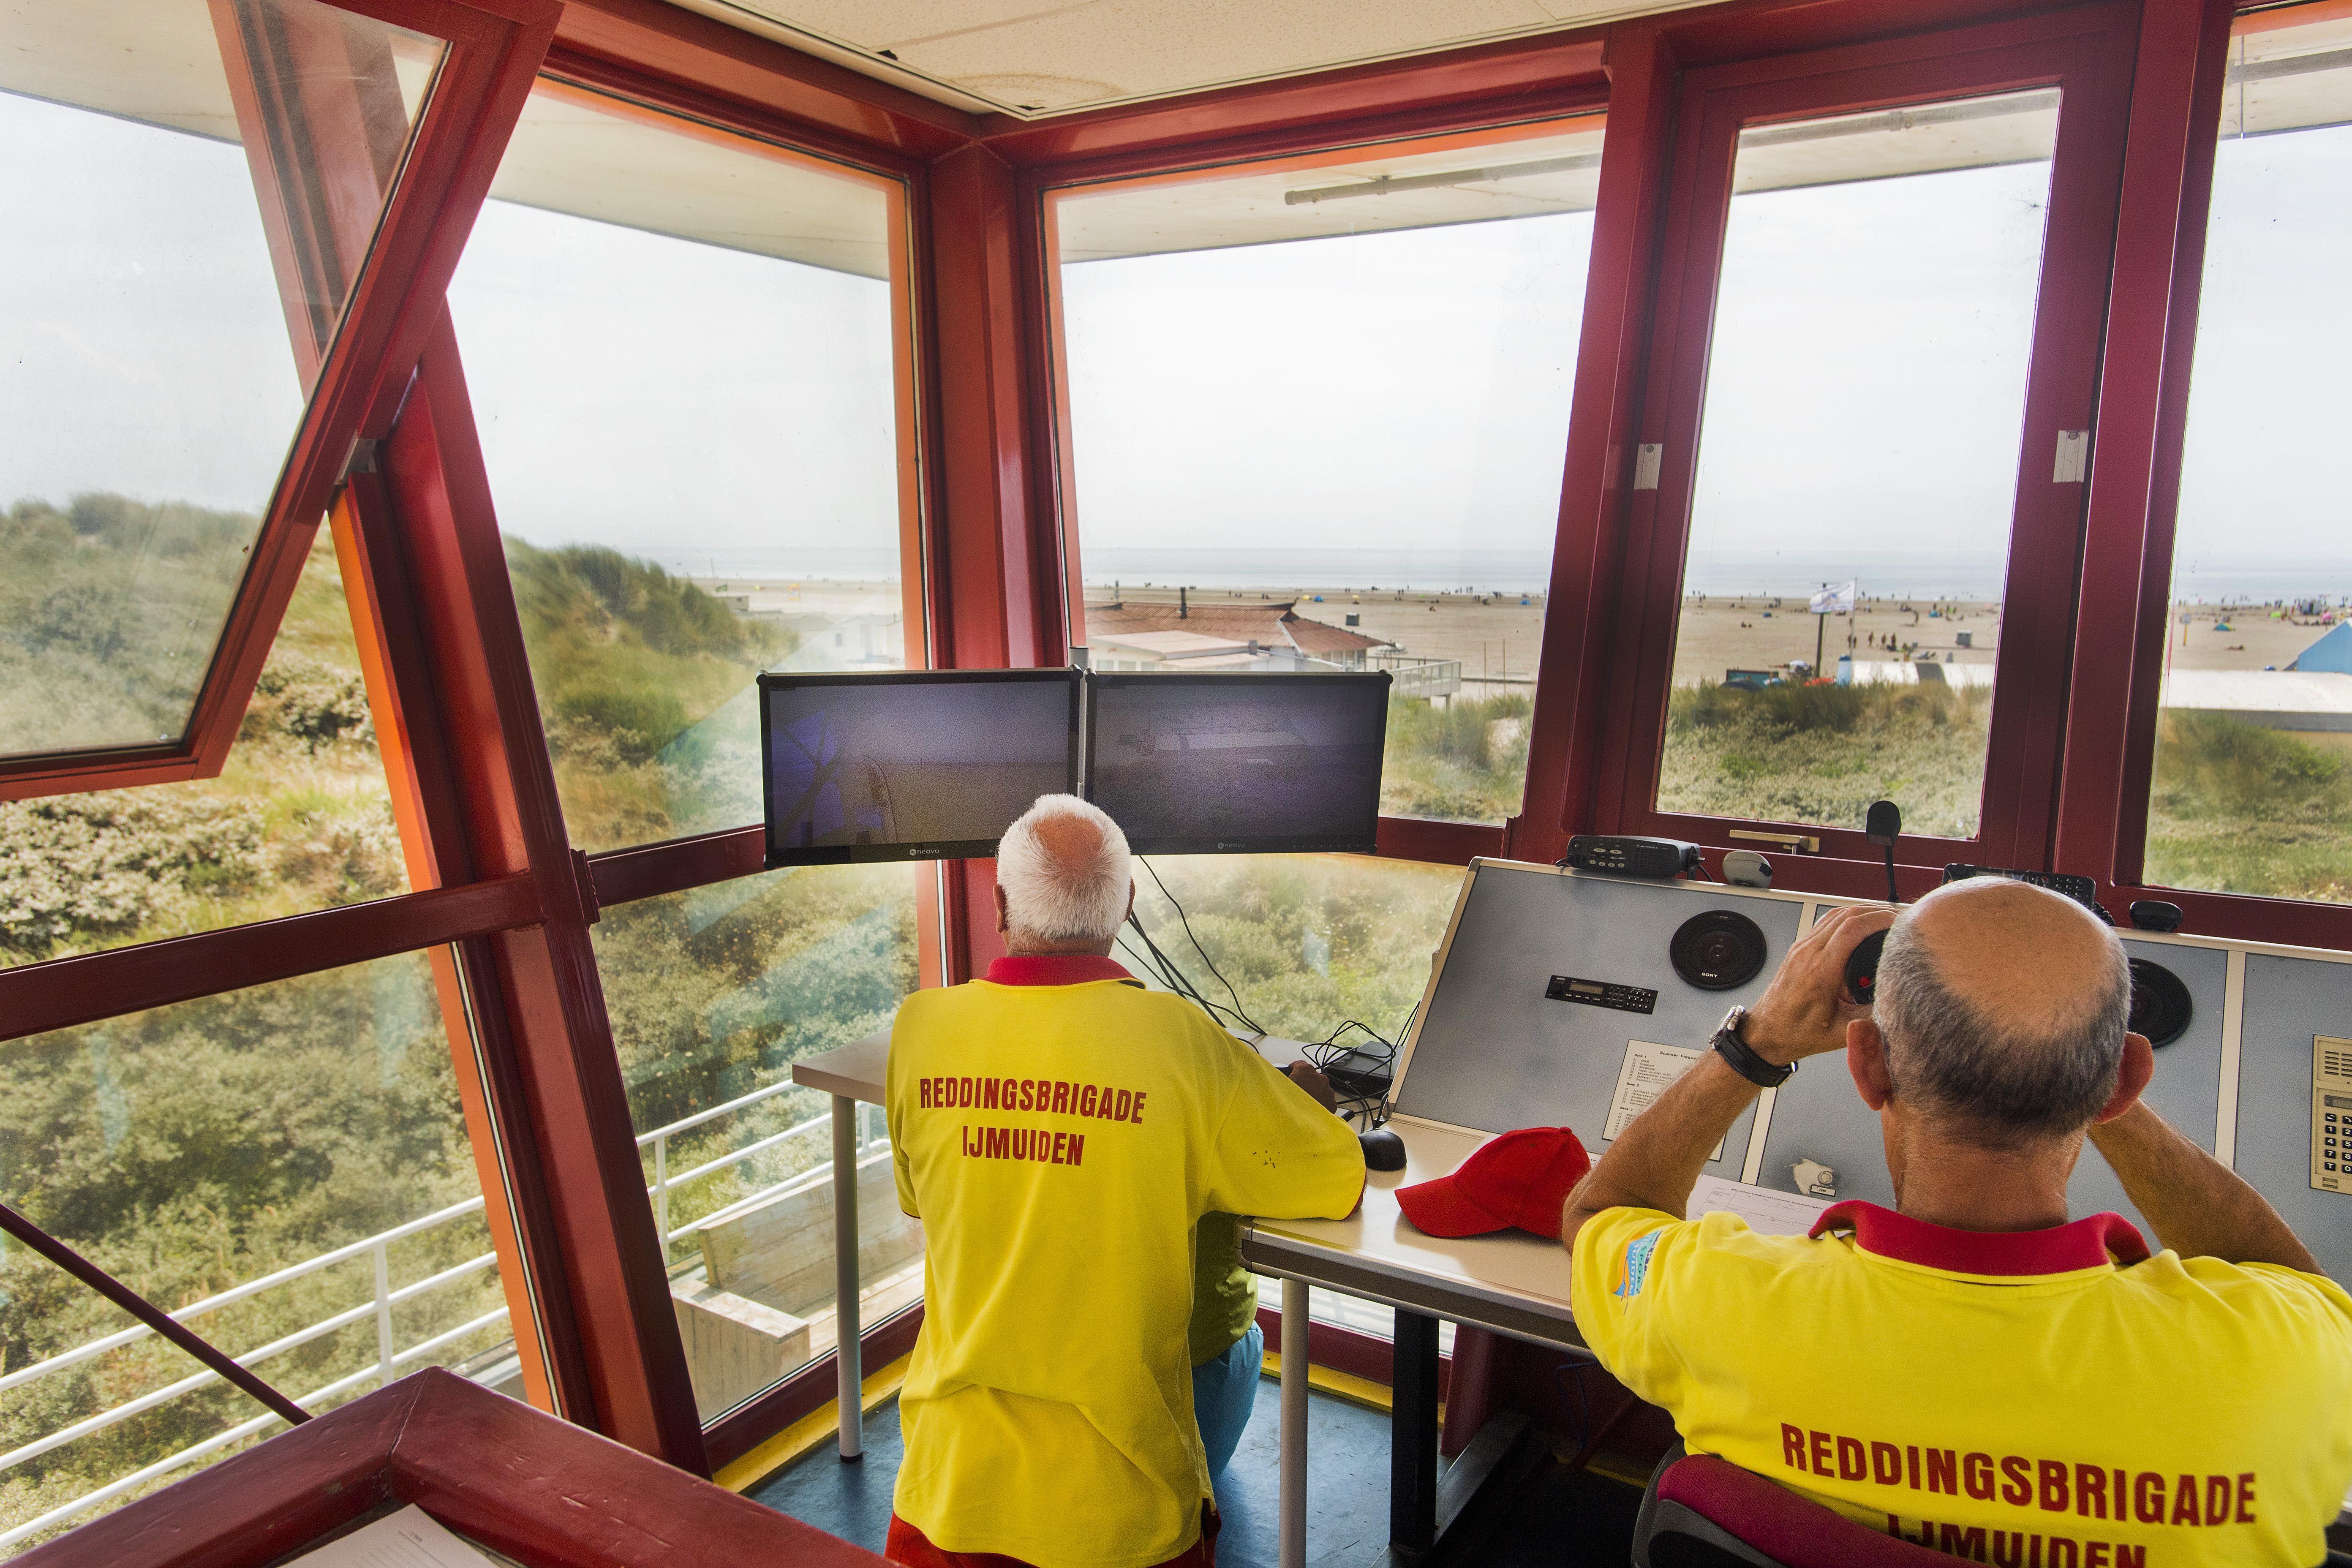 Het blijft behelpen met reddingspost IJmuiden: door aangegroeid duin nóg slechter zicht op het strand